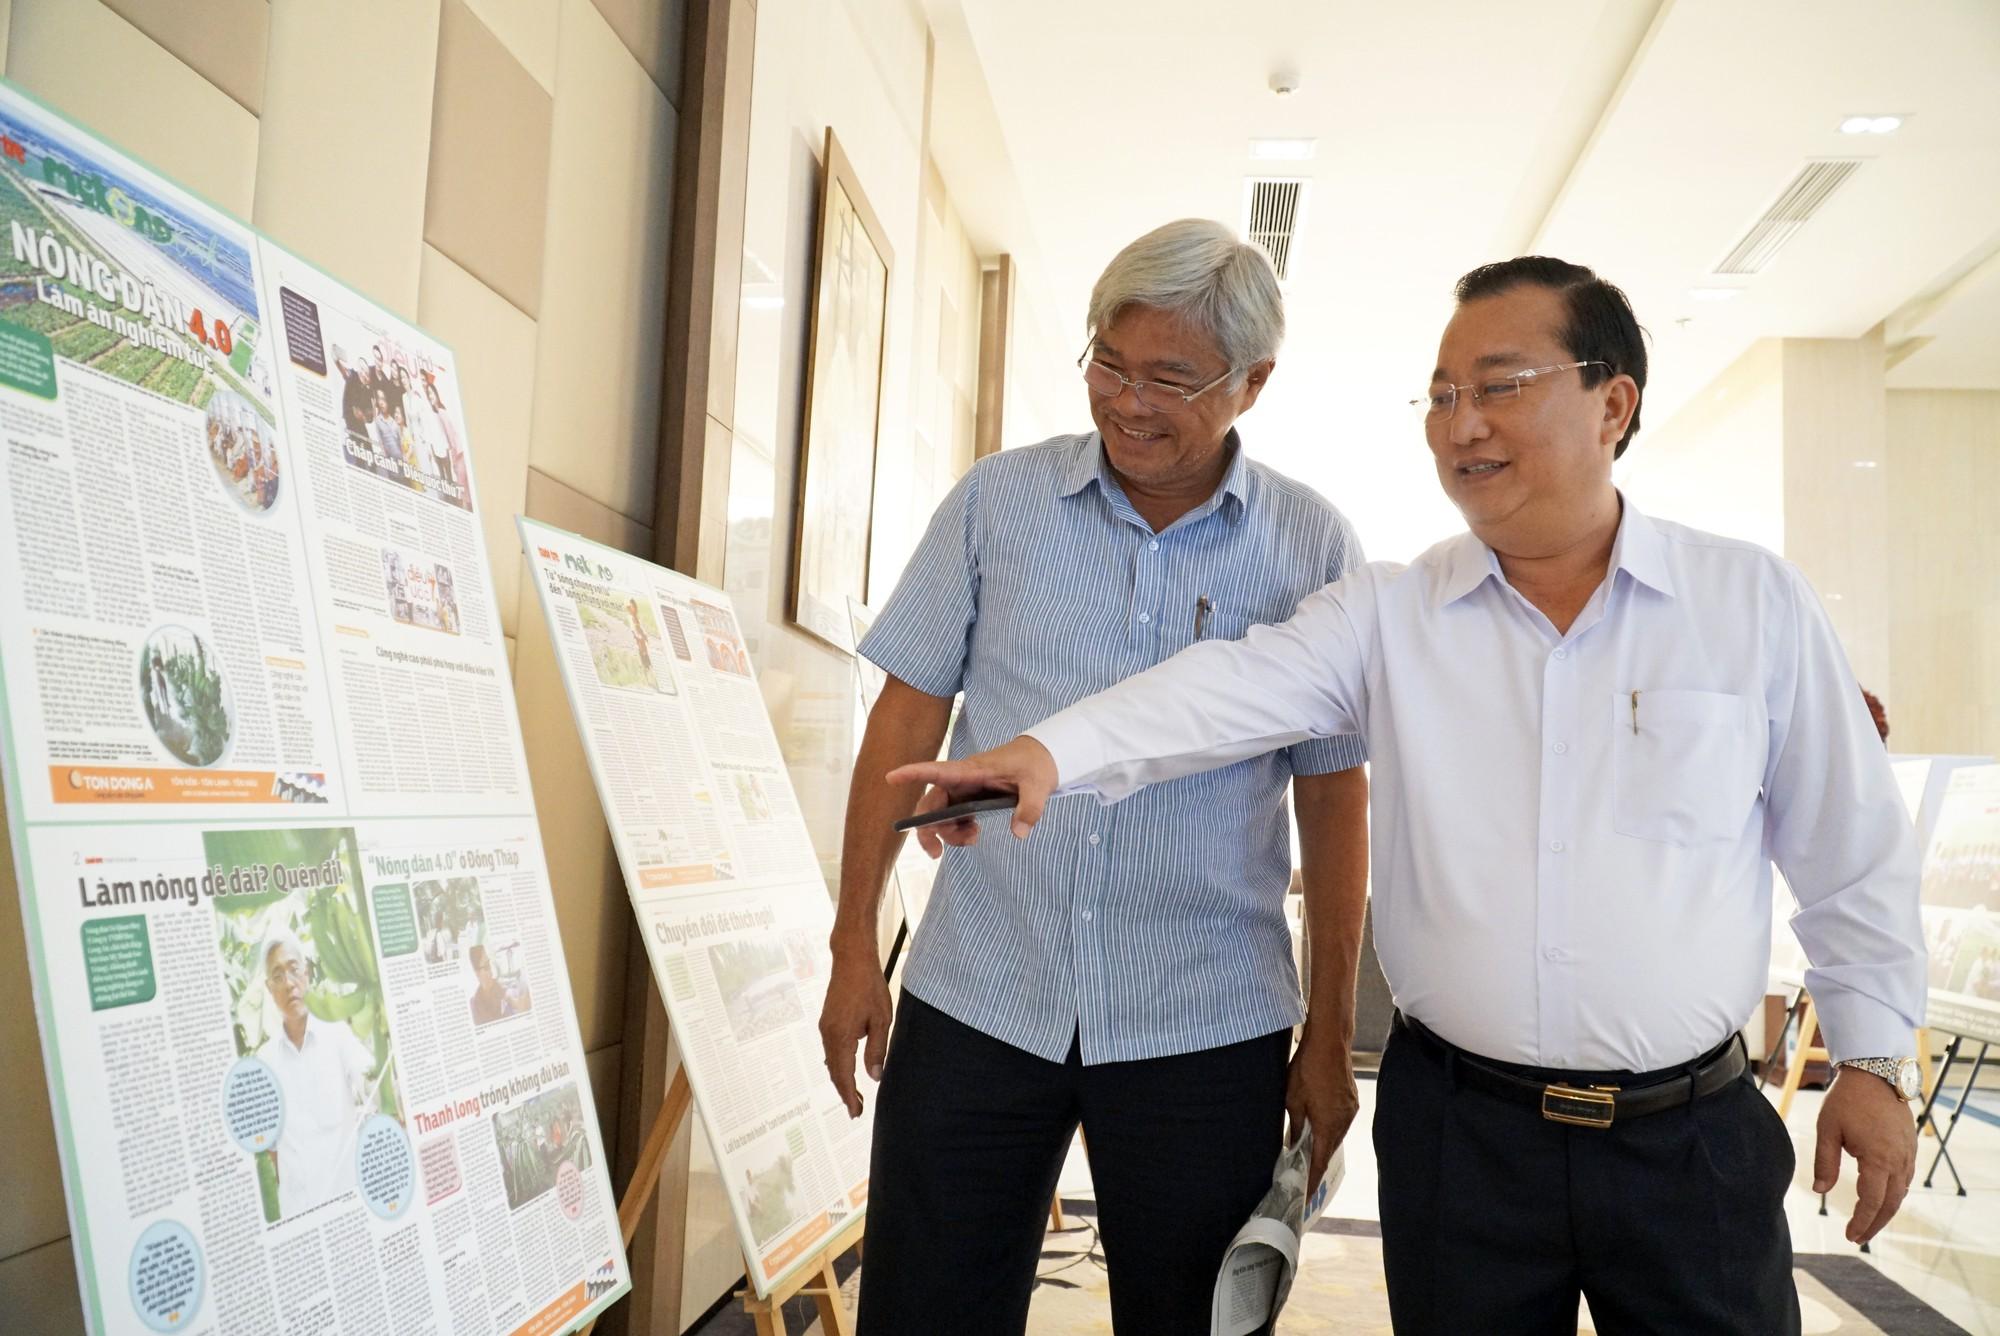 MeKong Xanh - Cùng xây cuộc sống xanh - Ảnh 3.